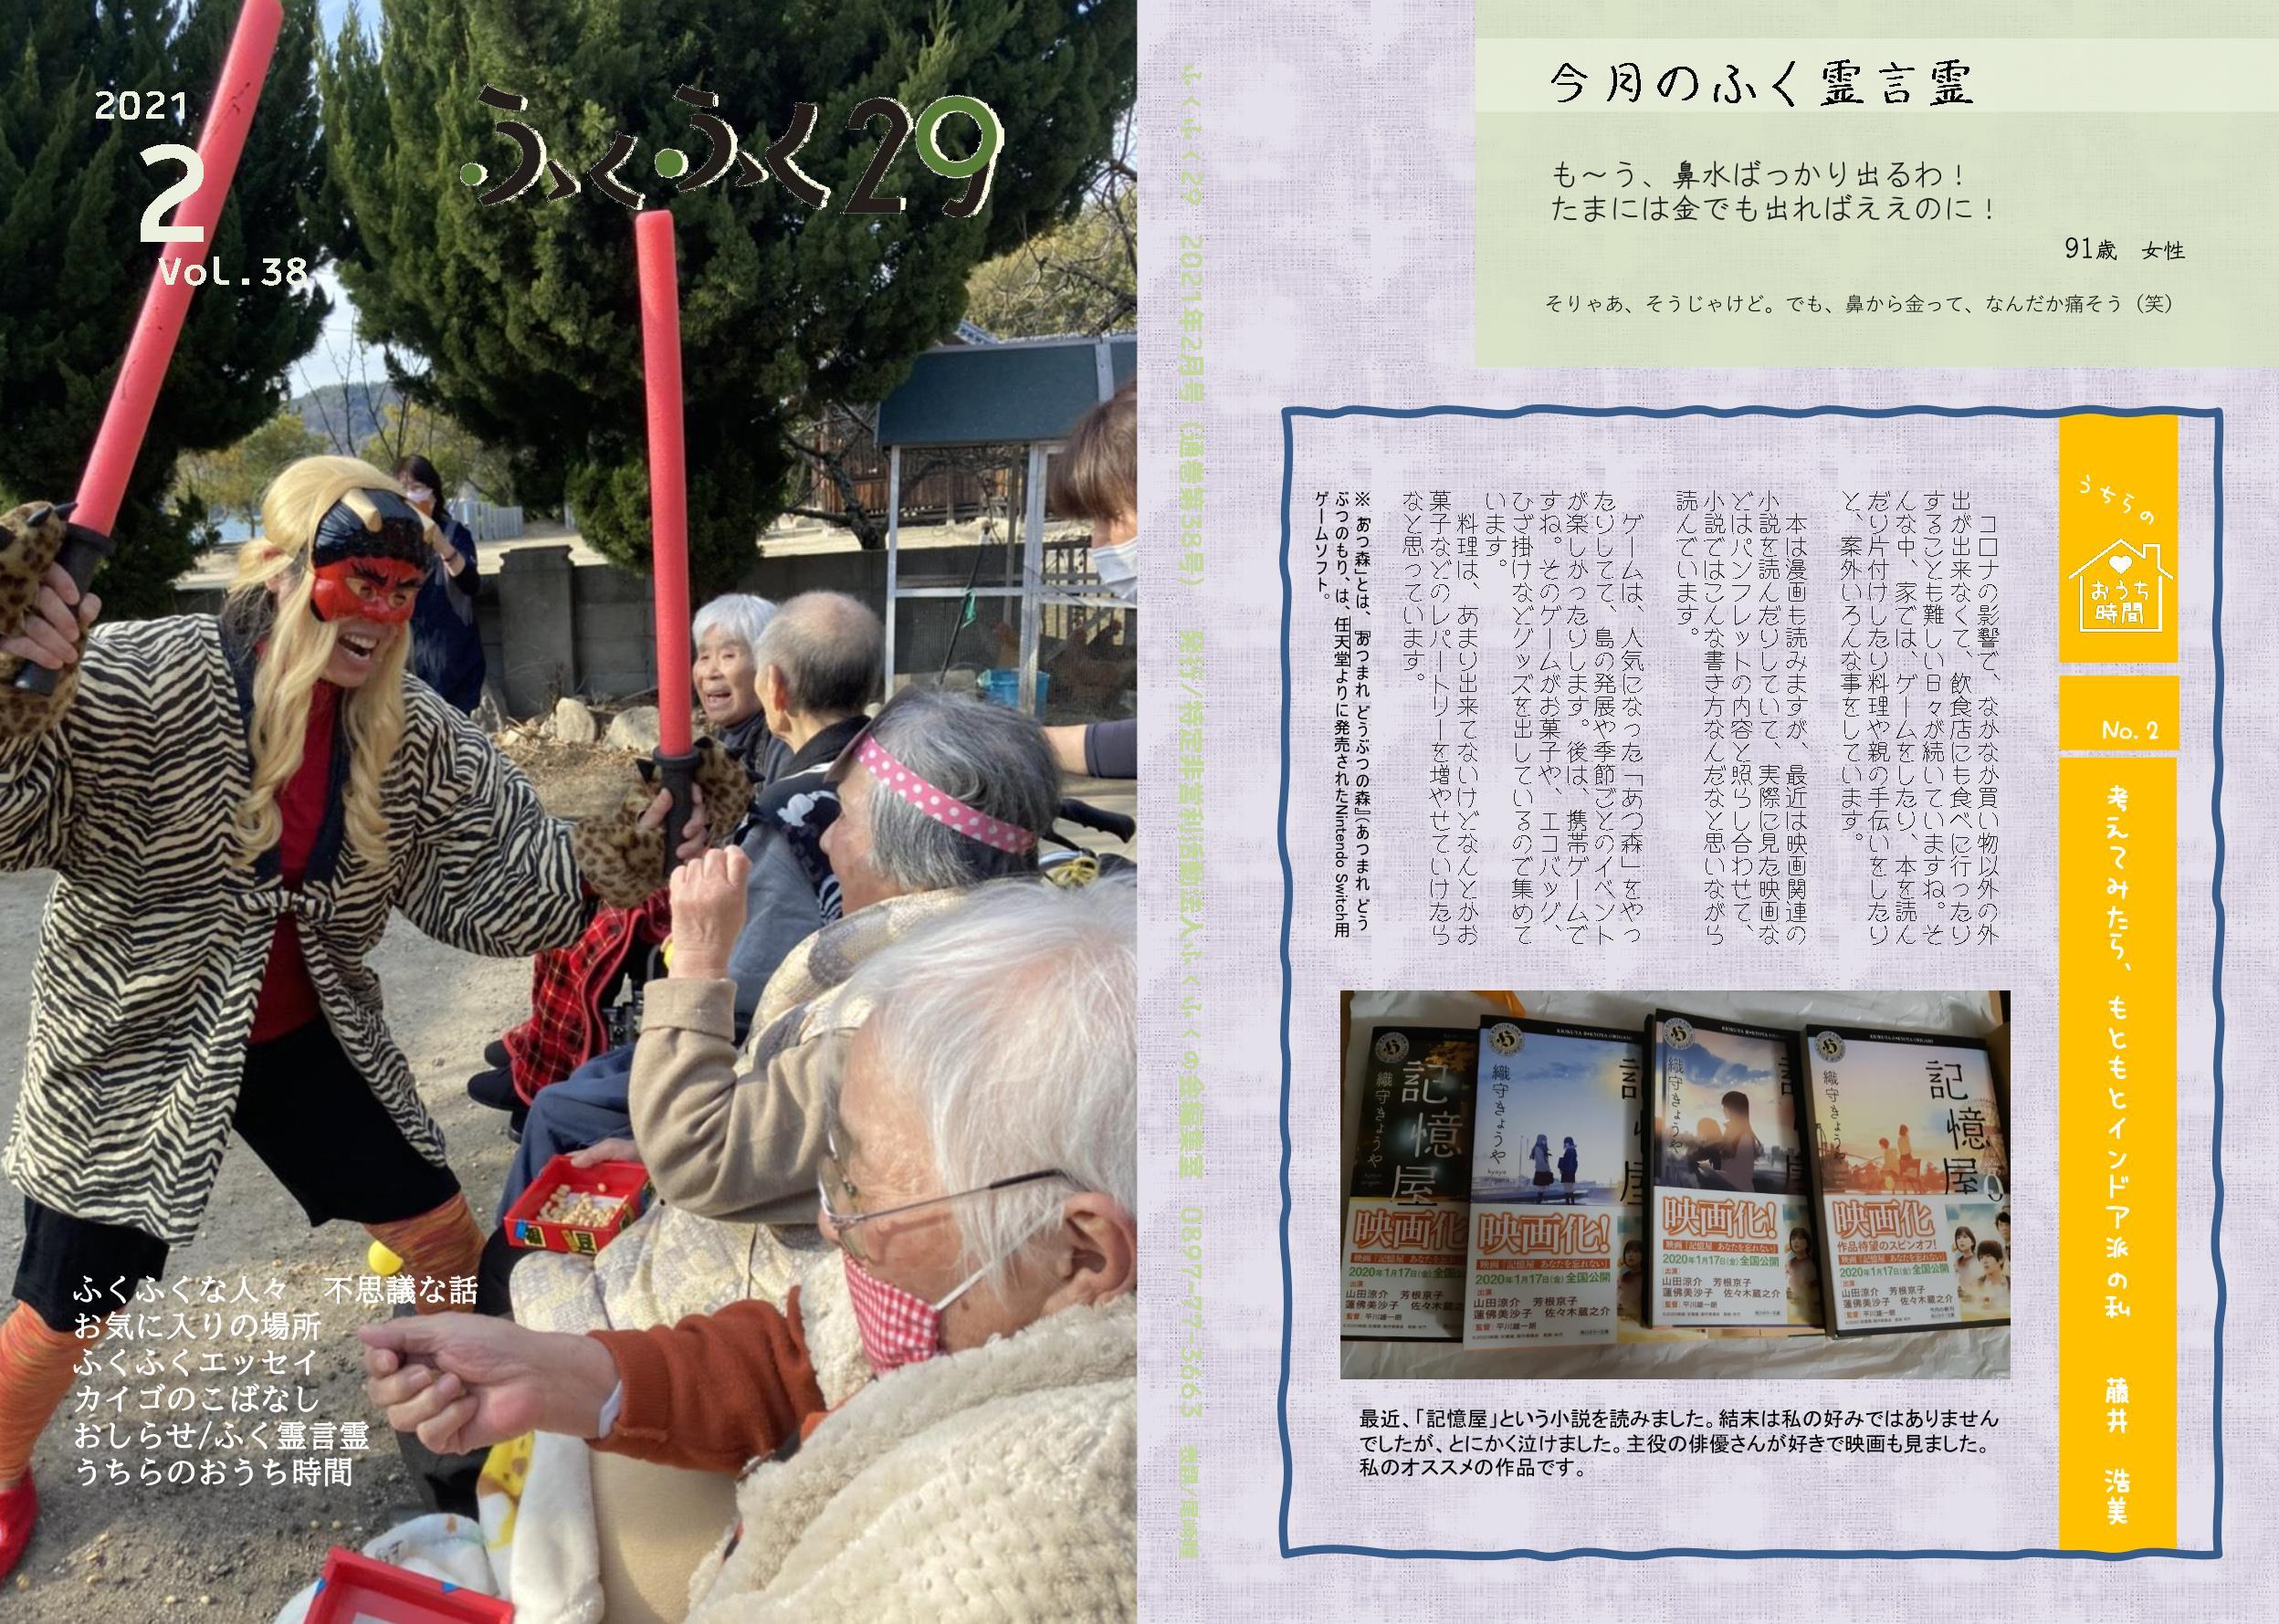 http://fukufukunokai.com/newsletter/images/2%E6%9C%88%E5%8F%B7_cropped_12222.jpeg